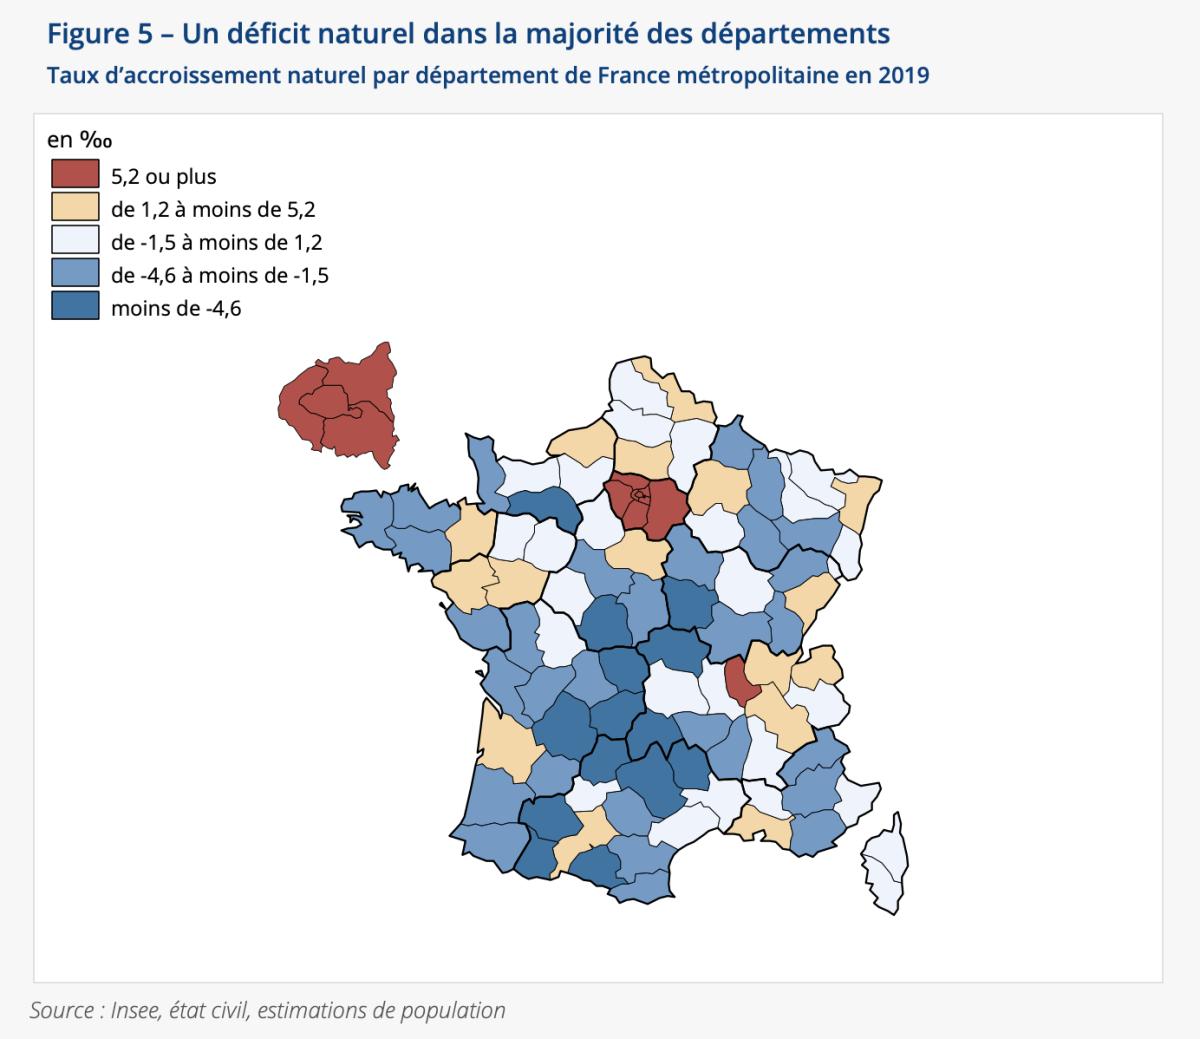 Taux d'accroissement naturel par département en France